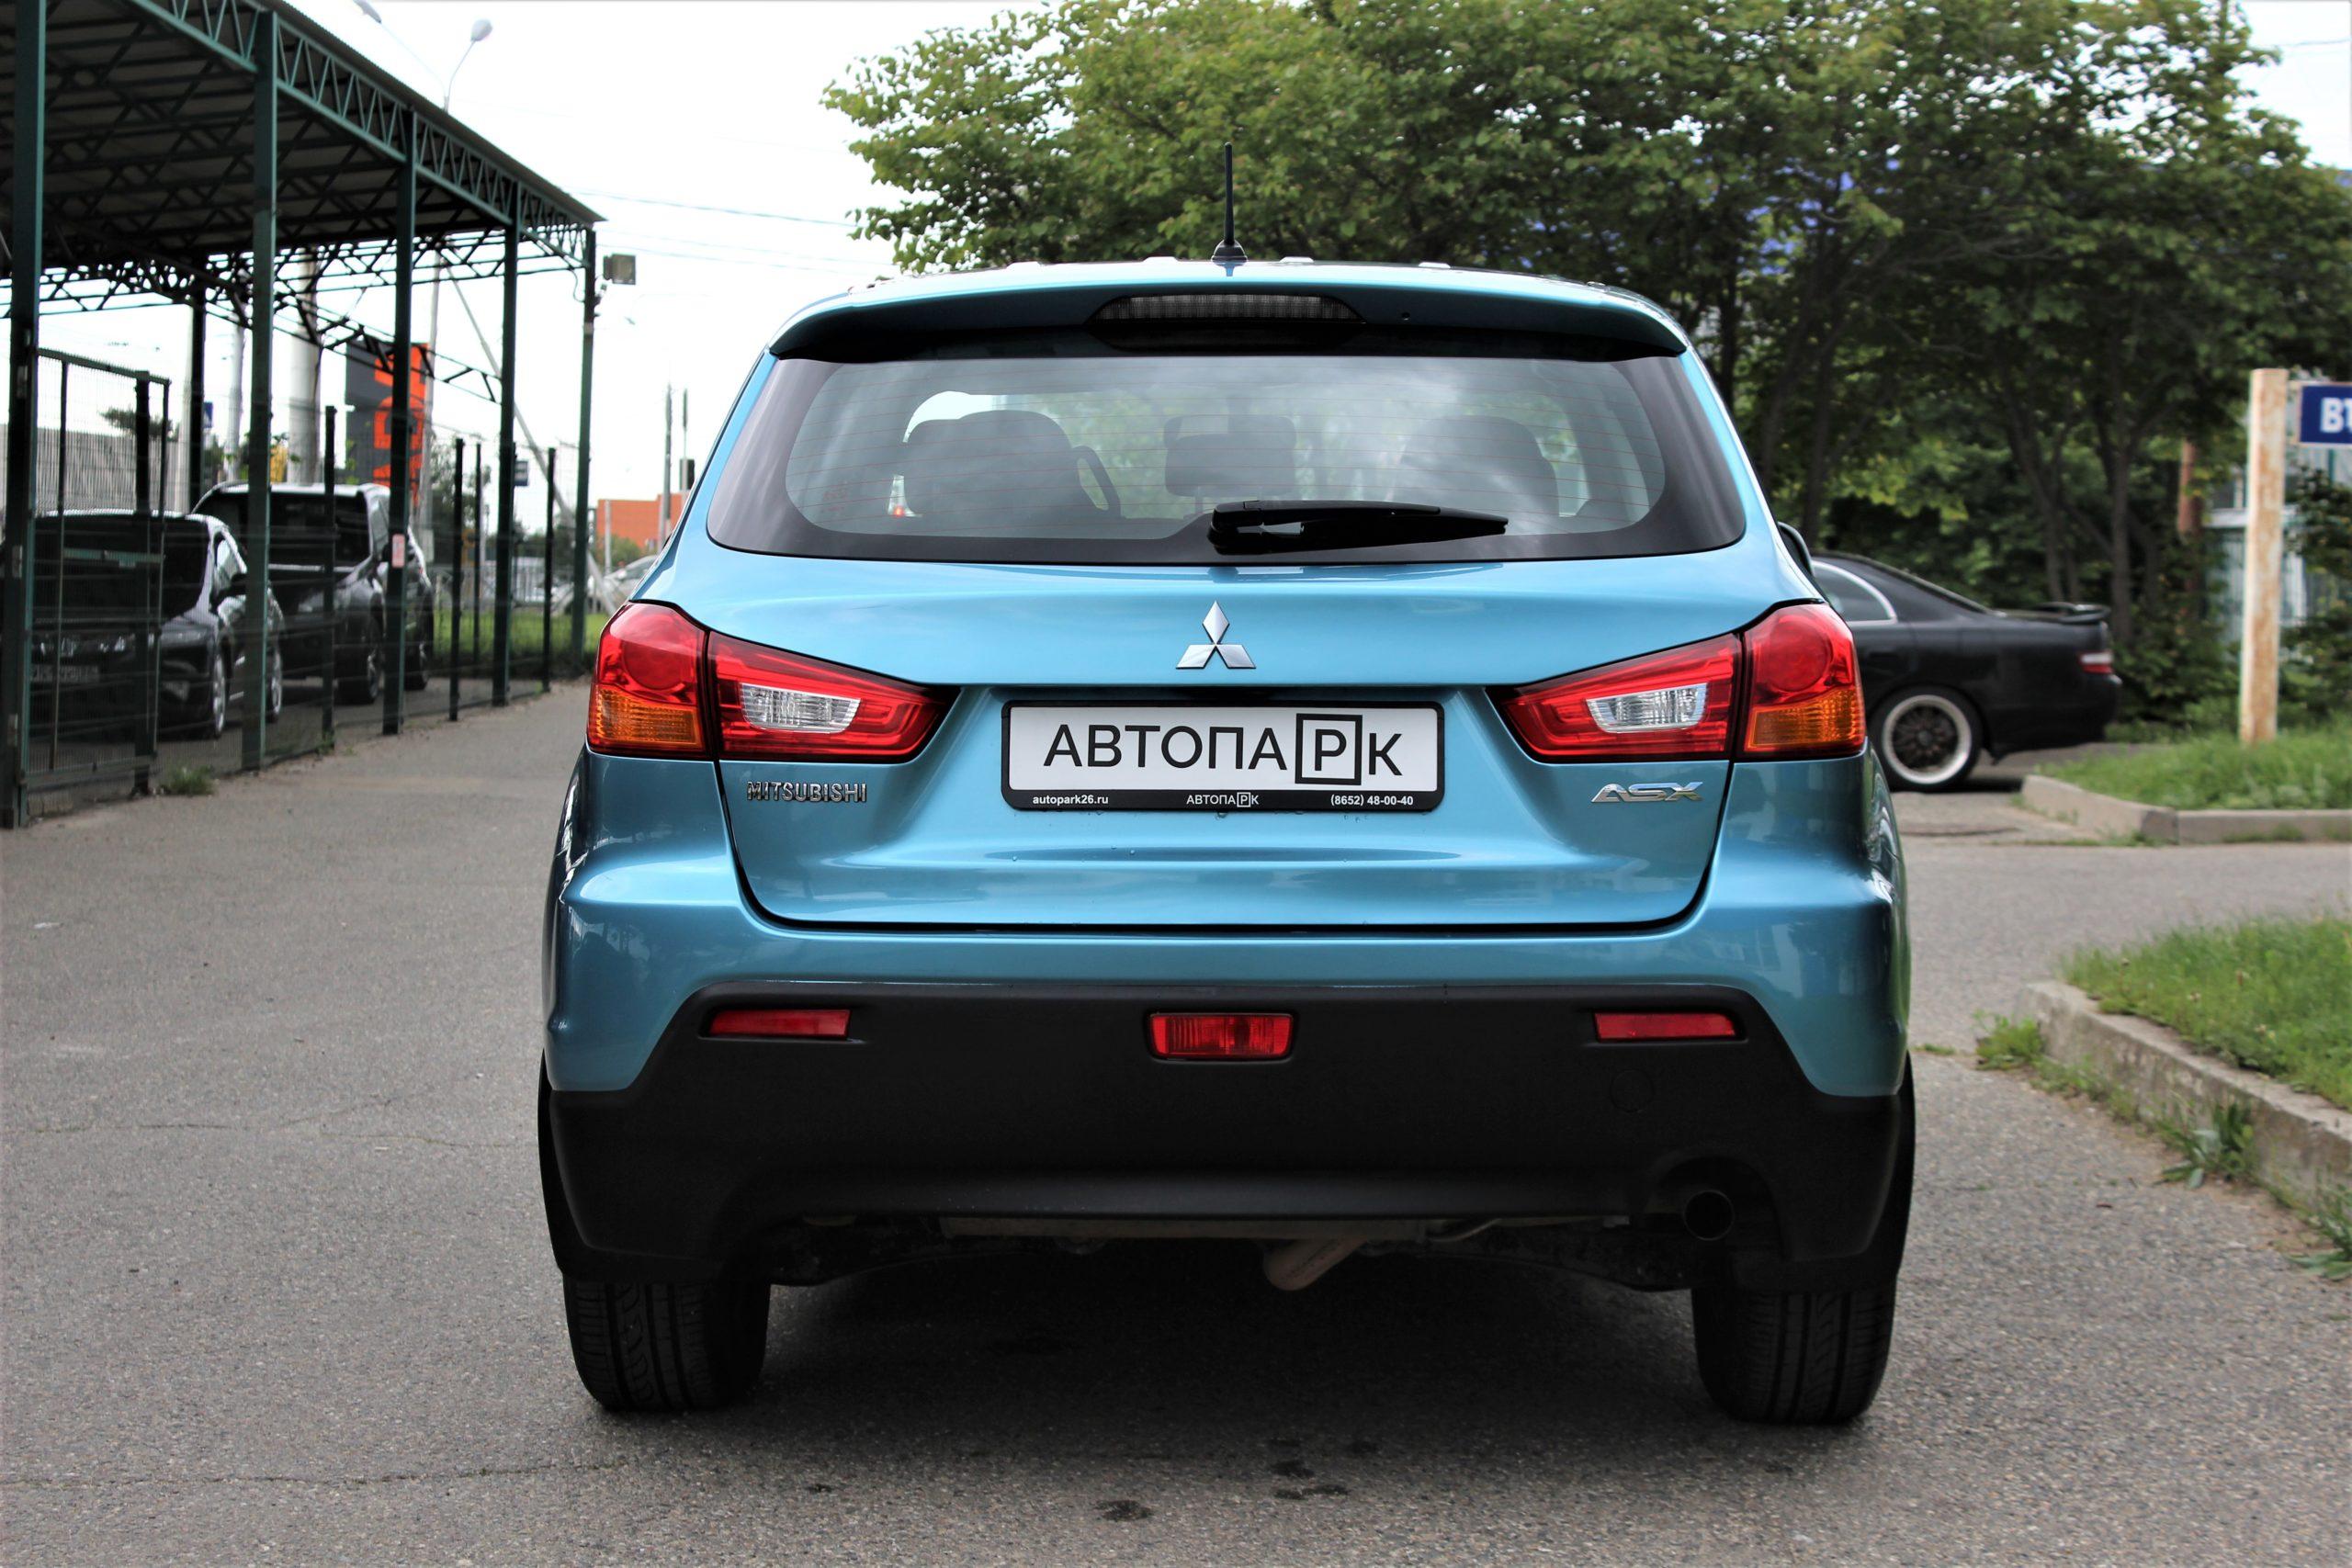 Купить Mitsubishi ASX 1.8 (Голубой) - Автопарк Ставрополь